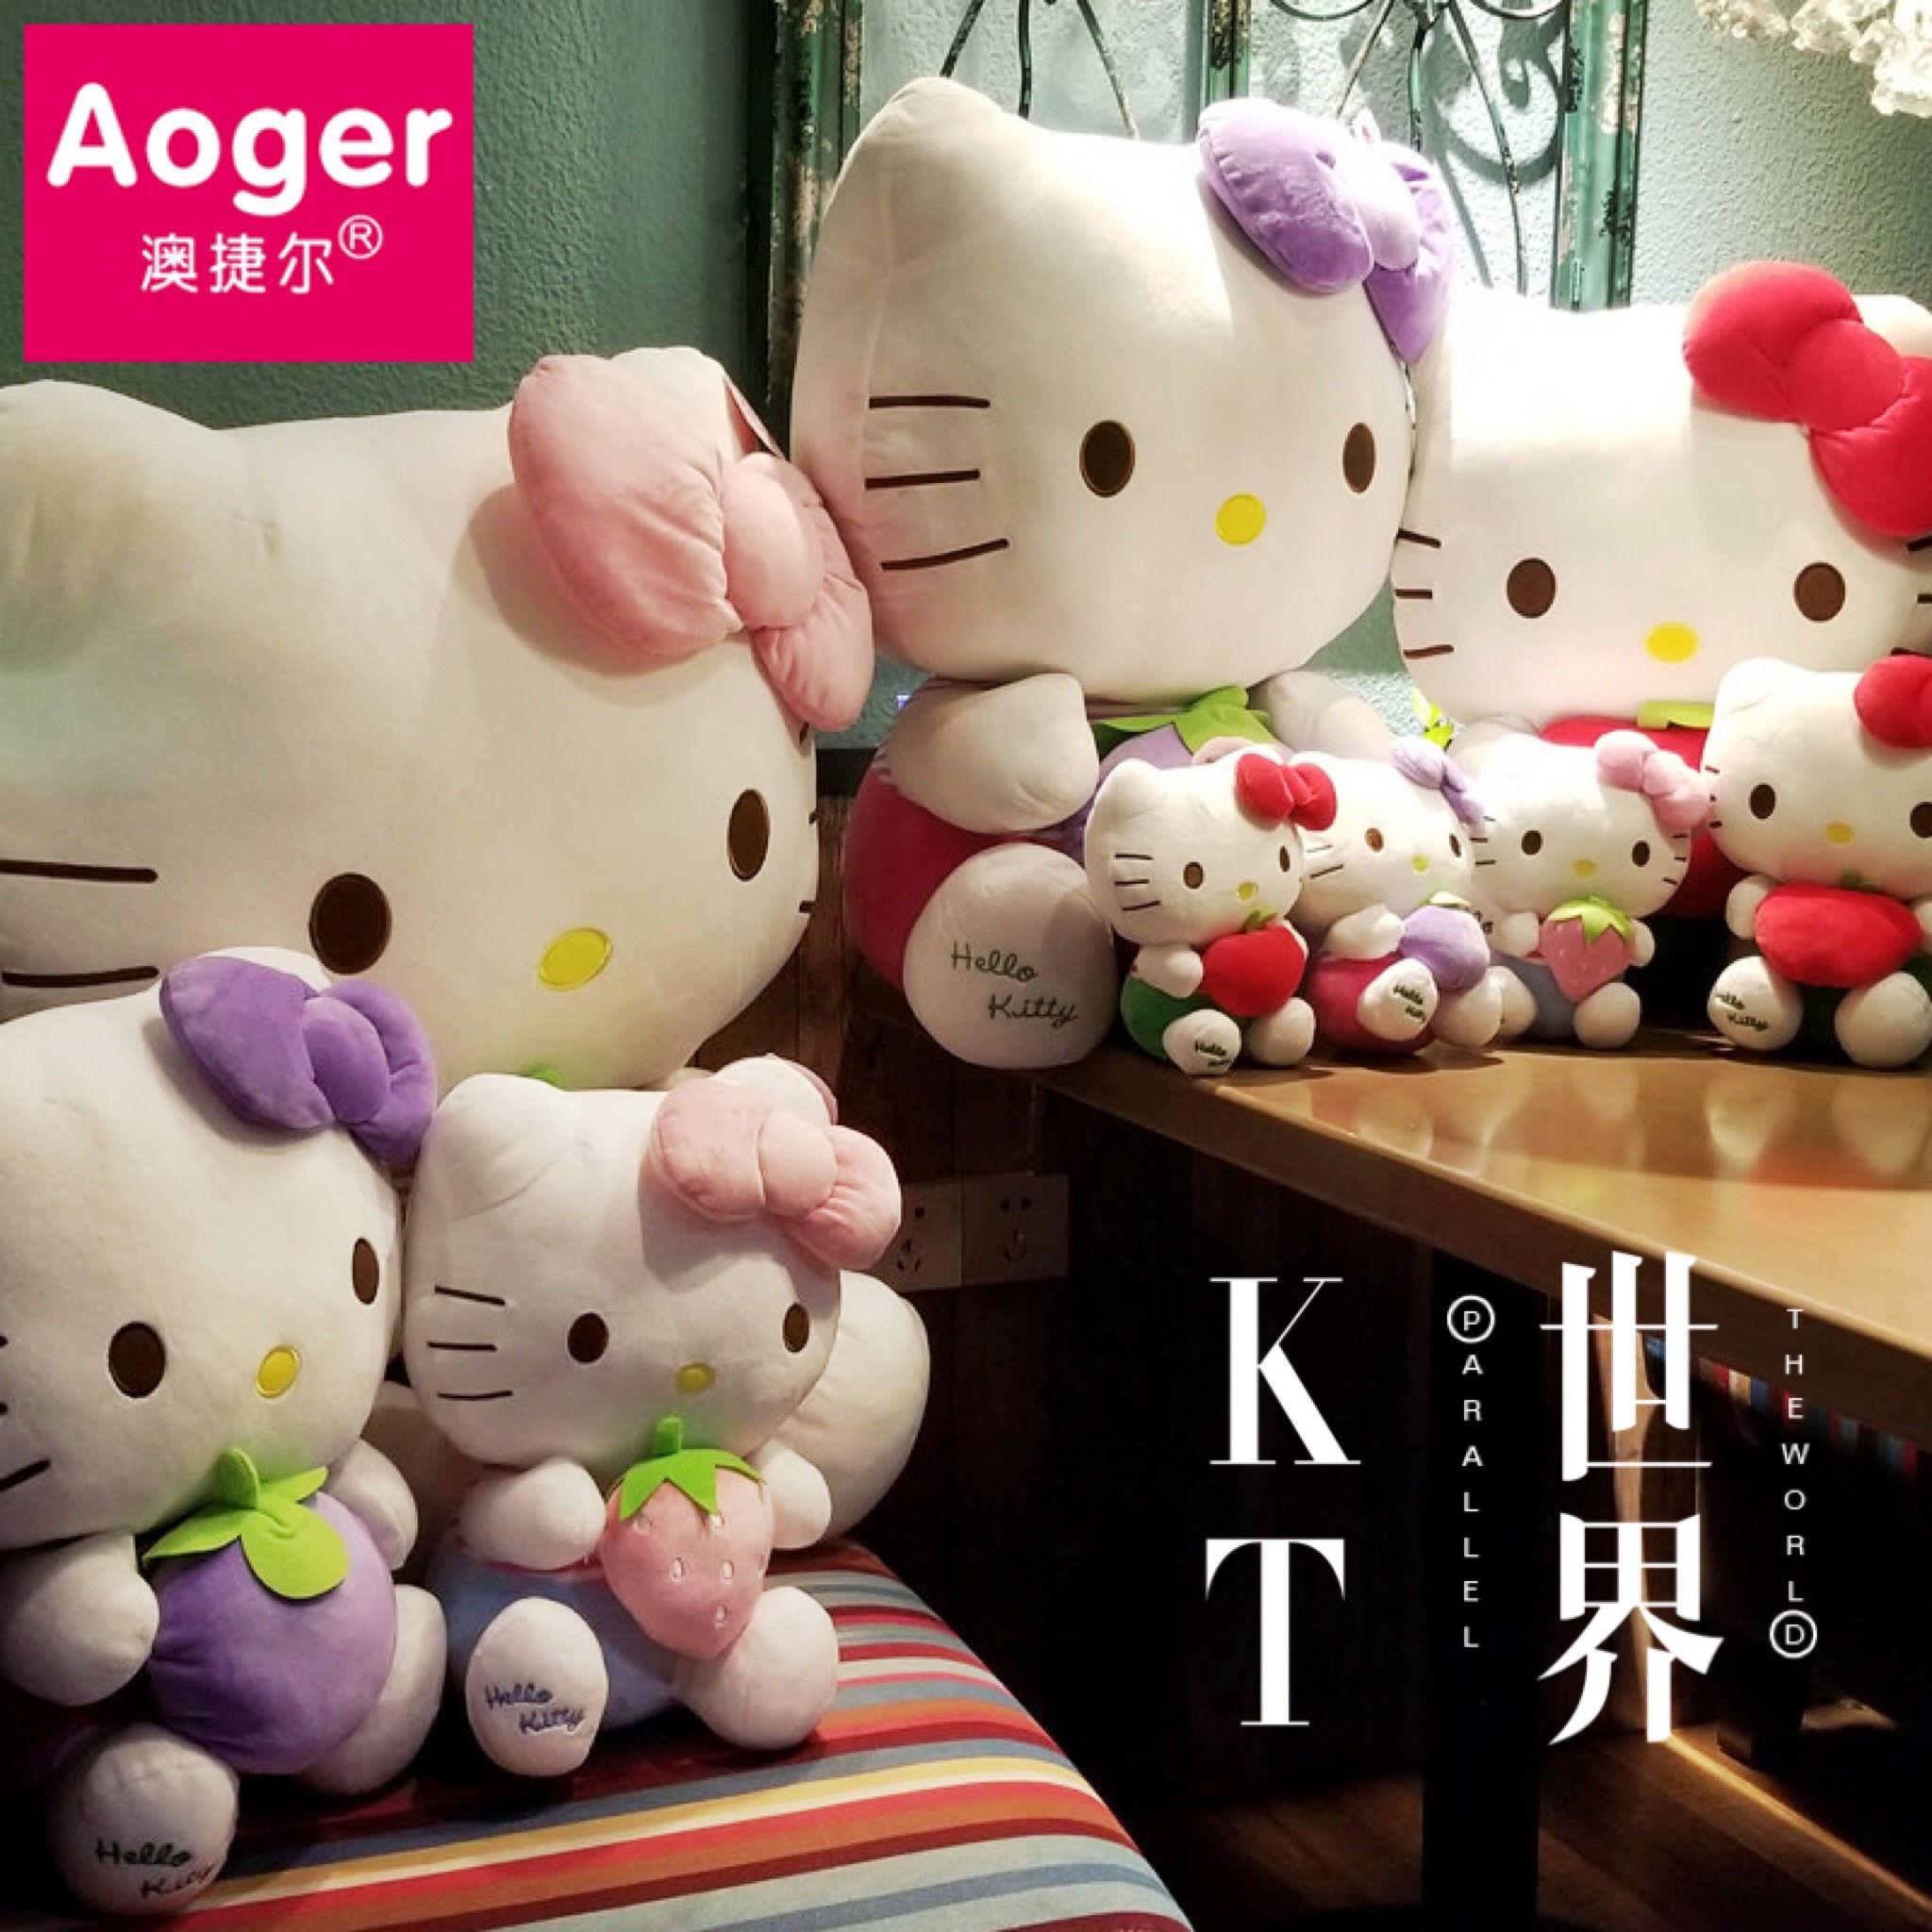 澳捷尔正版HelloKitty猫娃娃公仔毛绒玩具大号节日送女友可爱礼物